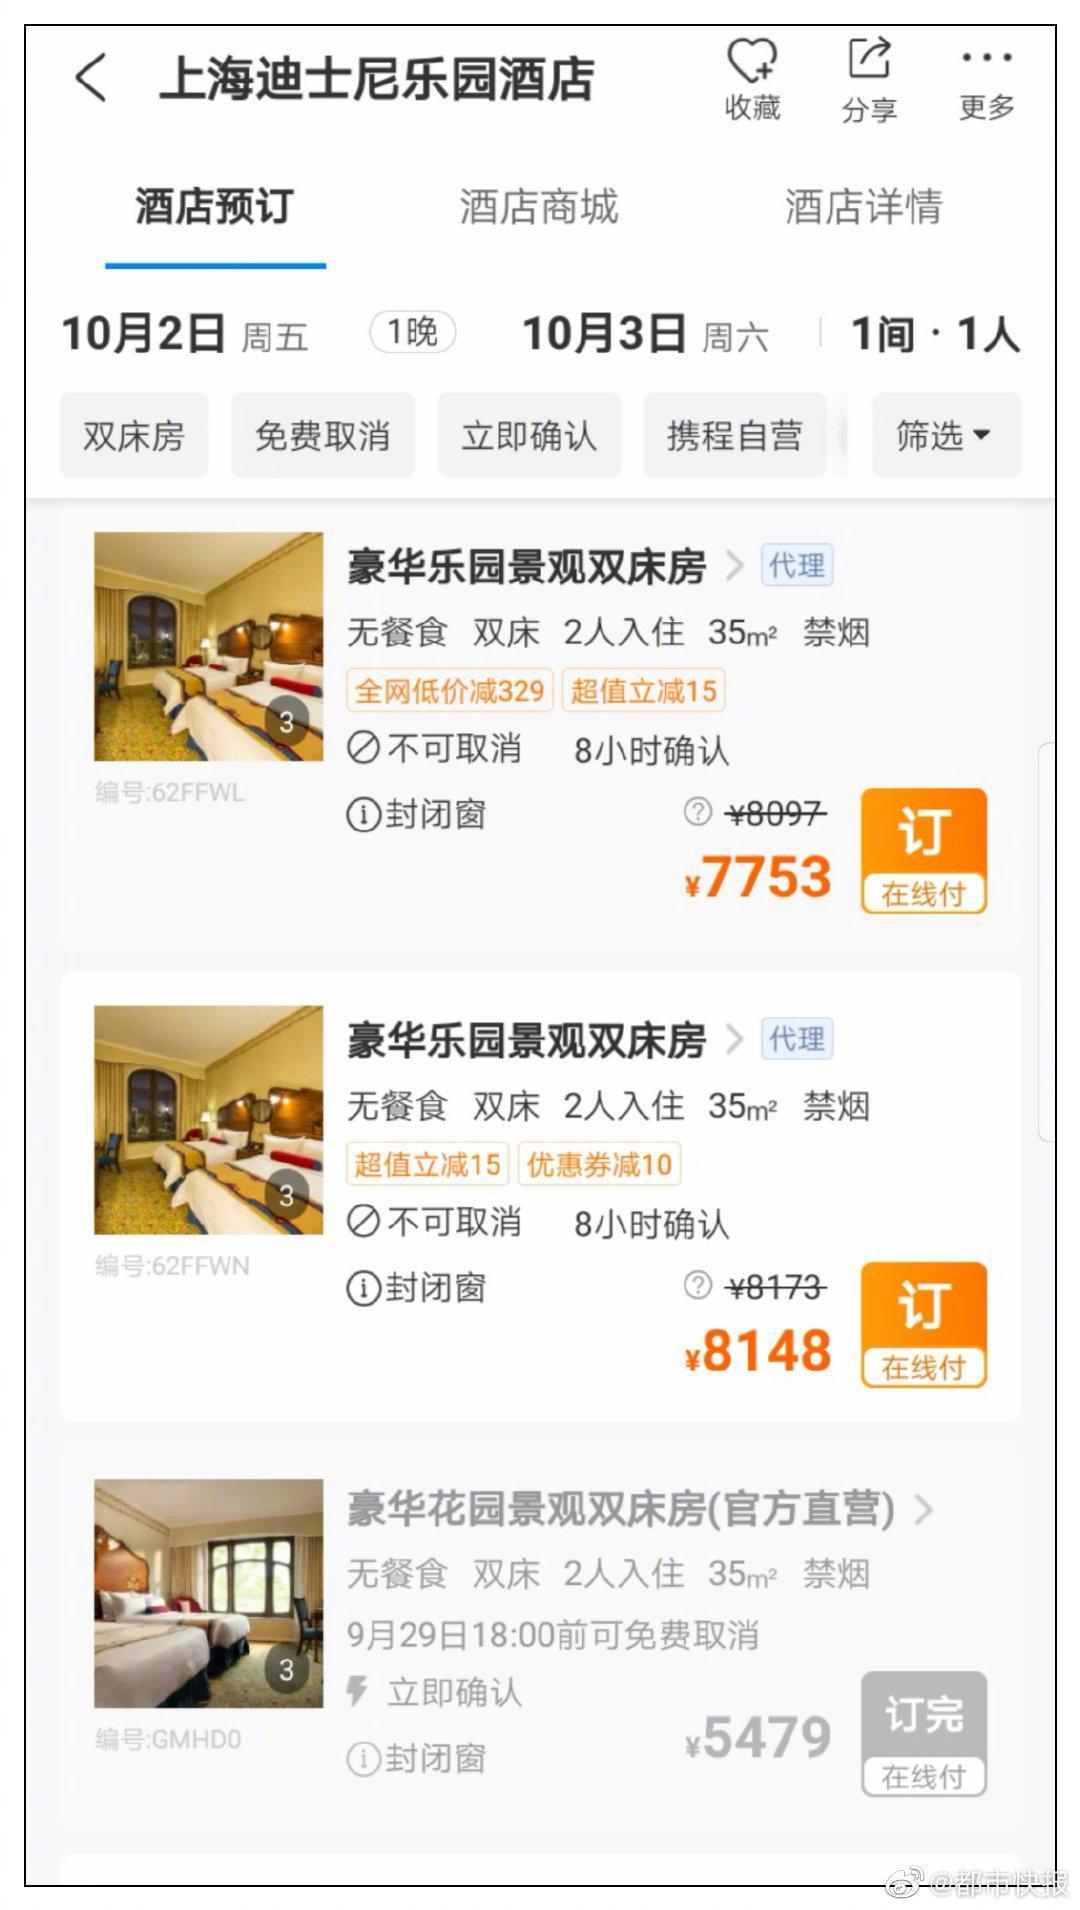 本打算国庆长假后面几天带娃去上海迪士尼玩玩,一查乐园酒店的房价,手机都差点掉了